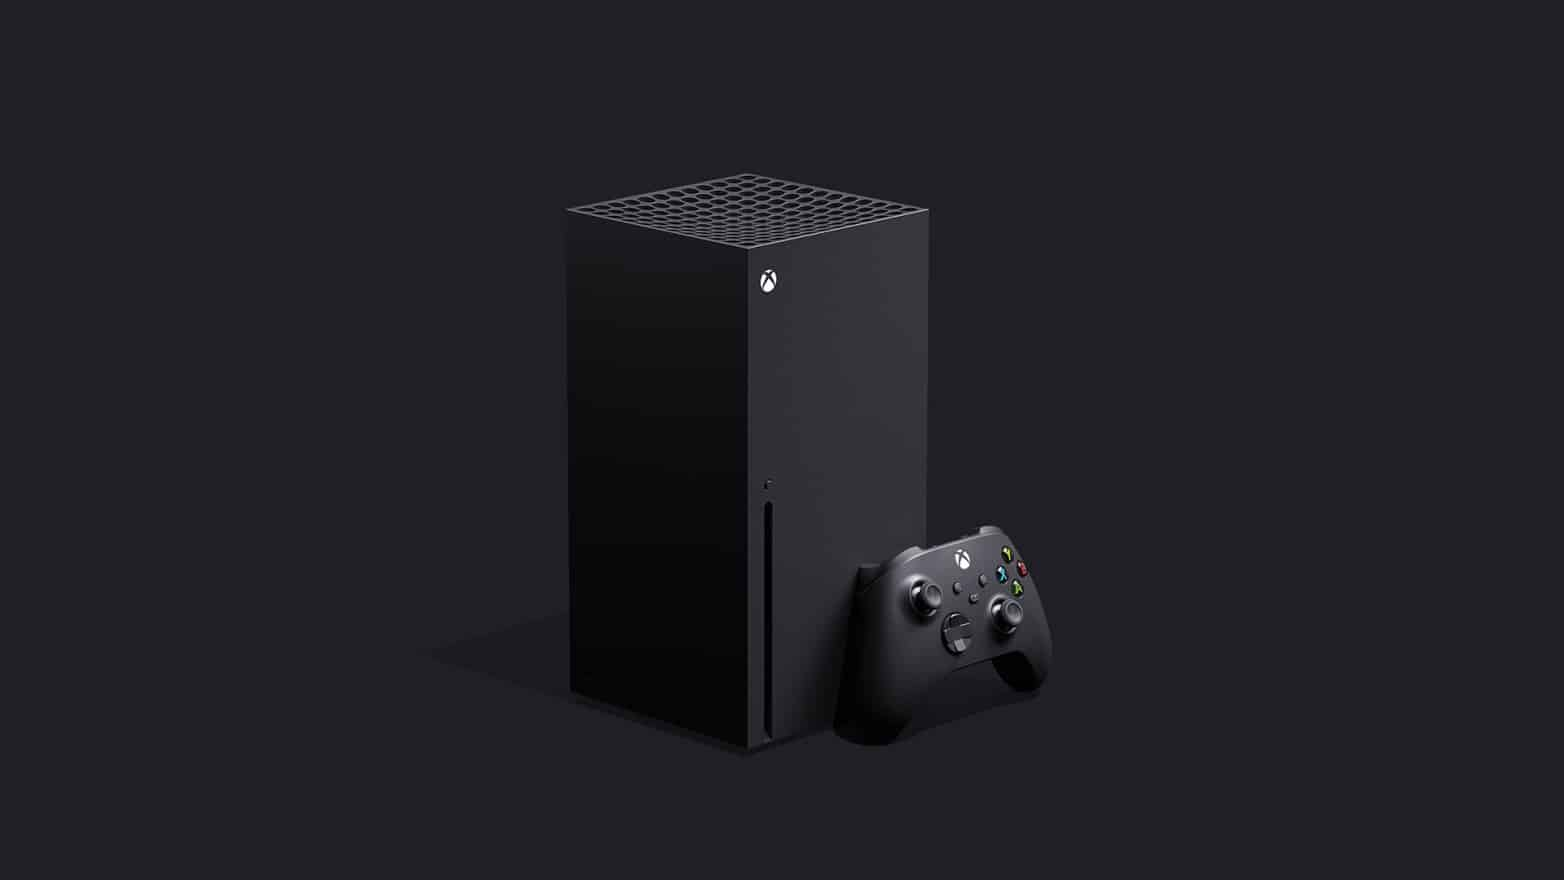 Một trò chơi hay trên đường đến Xbox Series X? Có, nhưng ... Còn độc quyền thì sao? 2